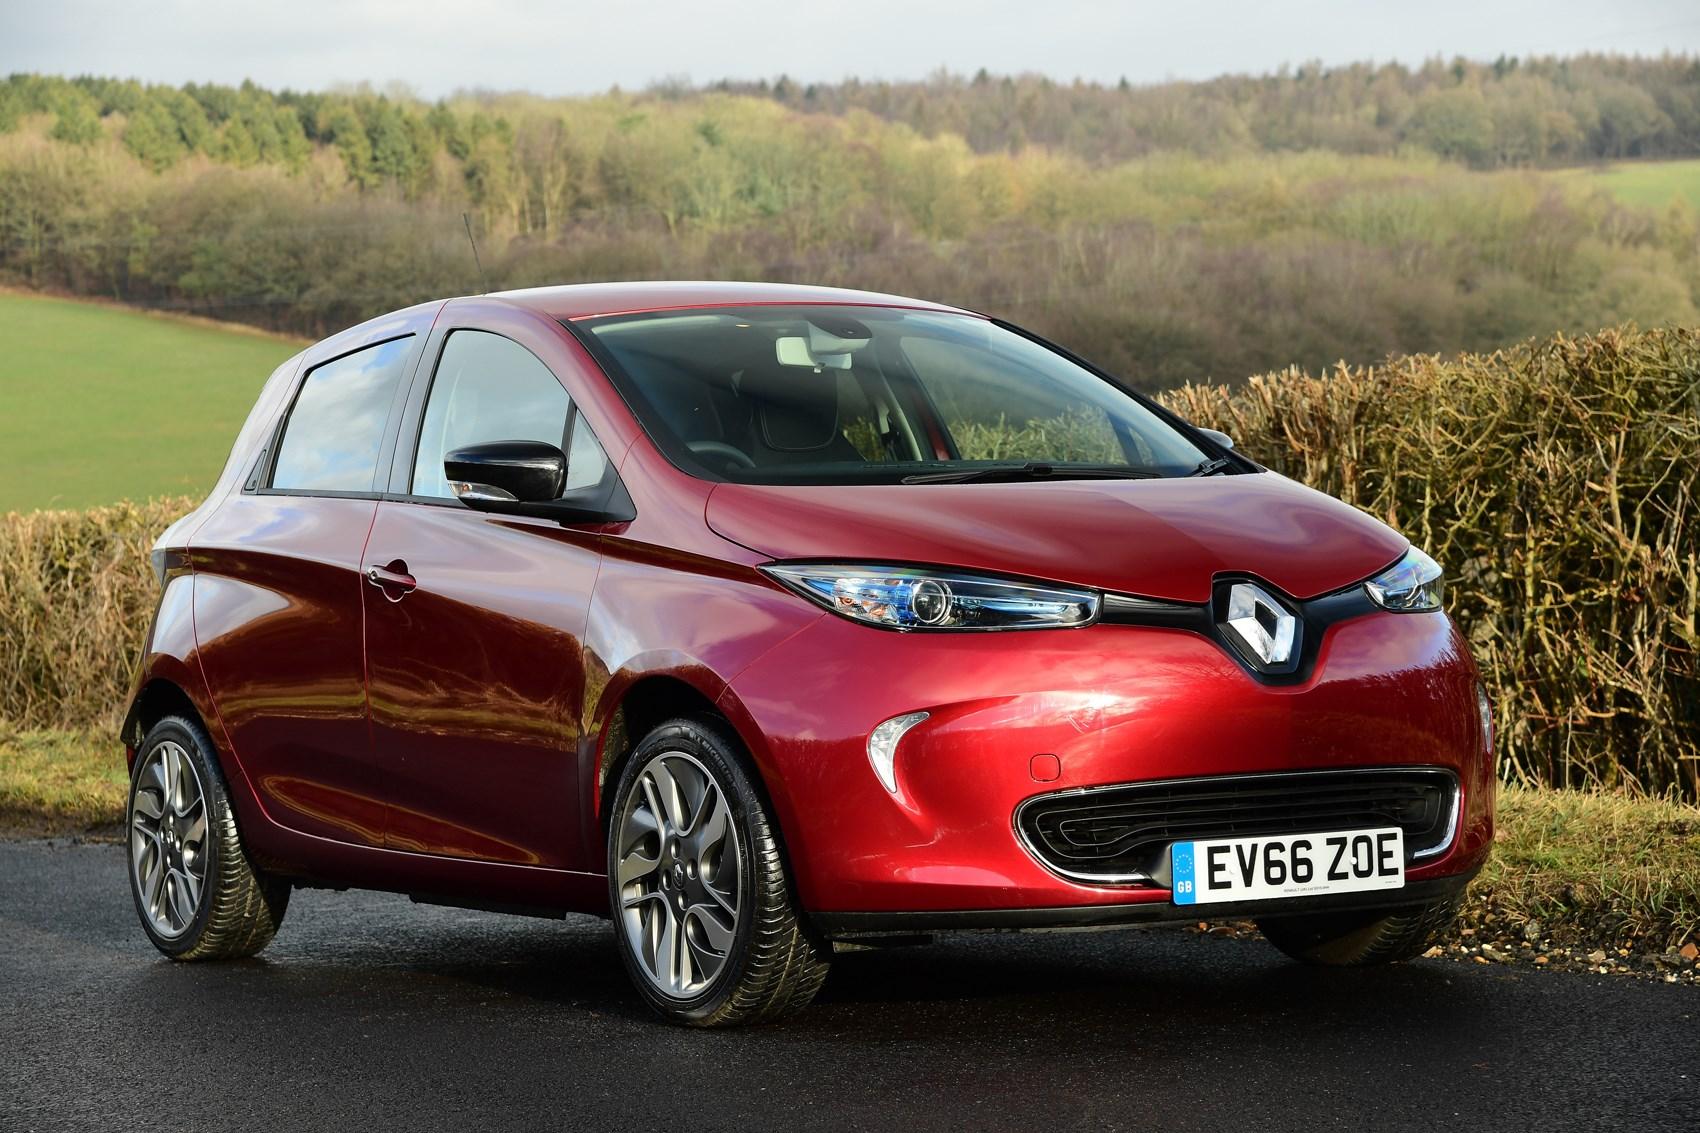 Renault Zoe cash discount